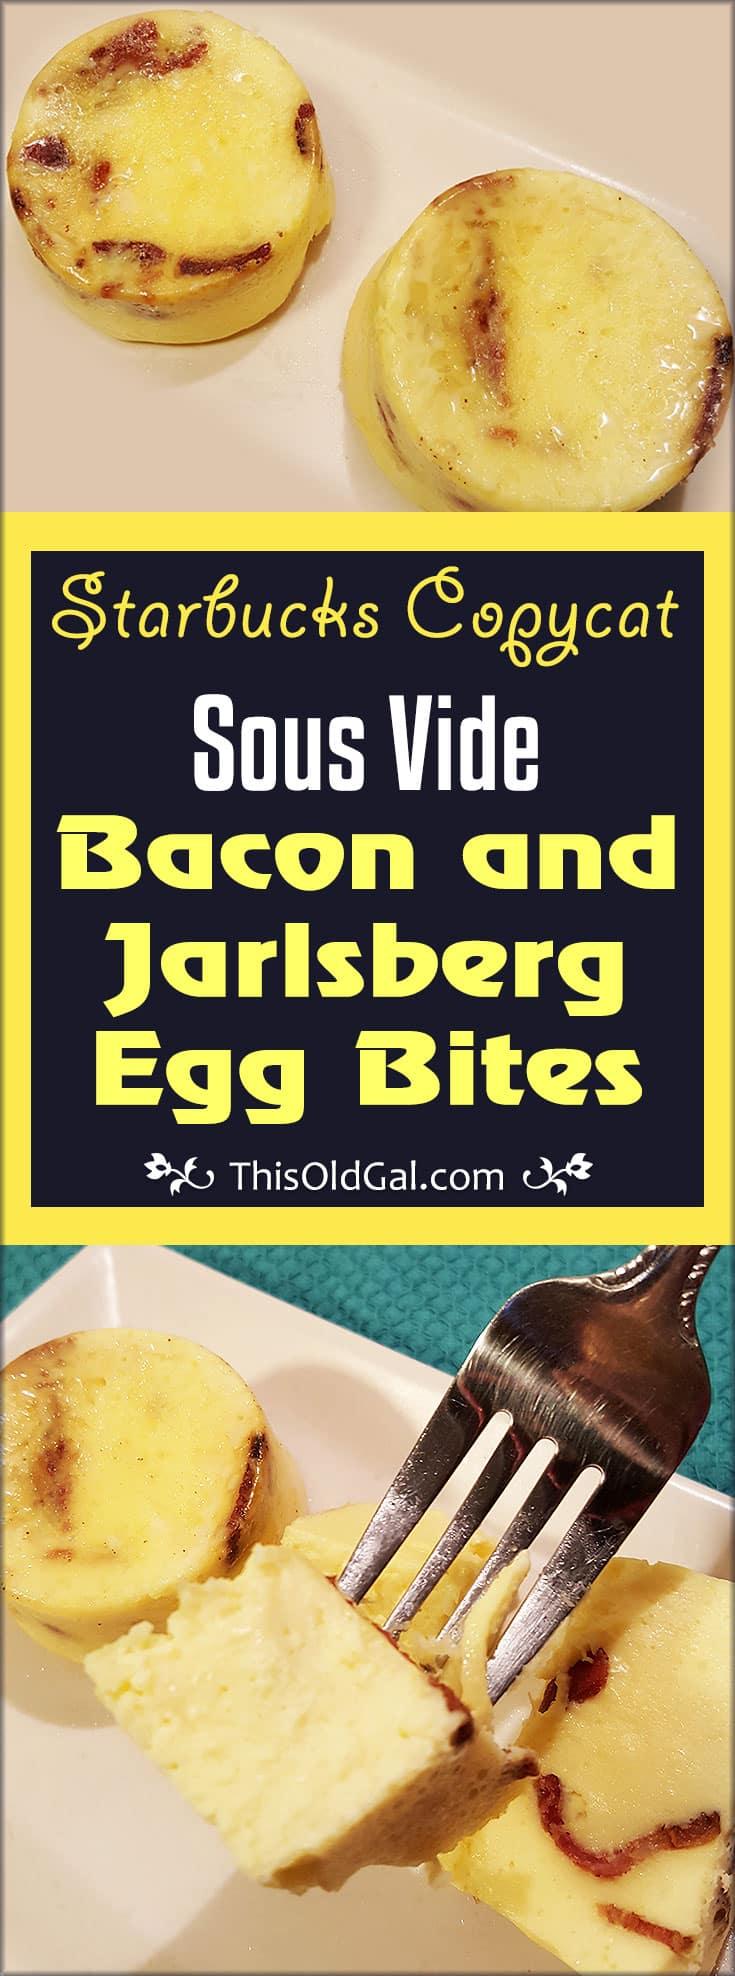 Starbucks Sous Vide Bacon & Jarlsberg Egg Bites